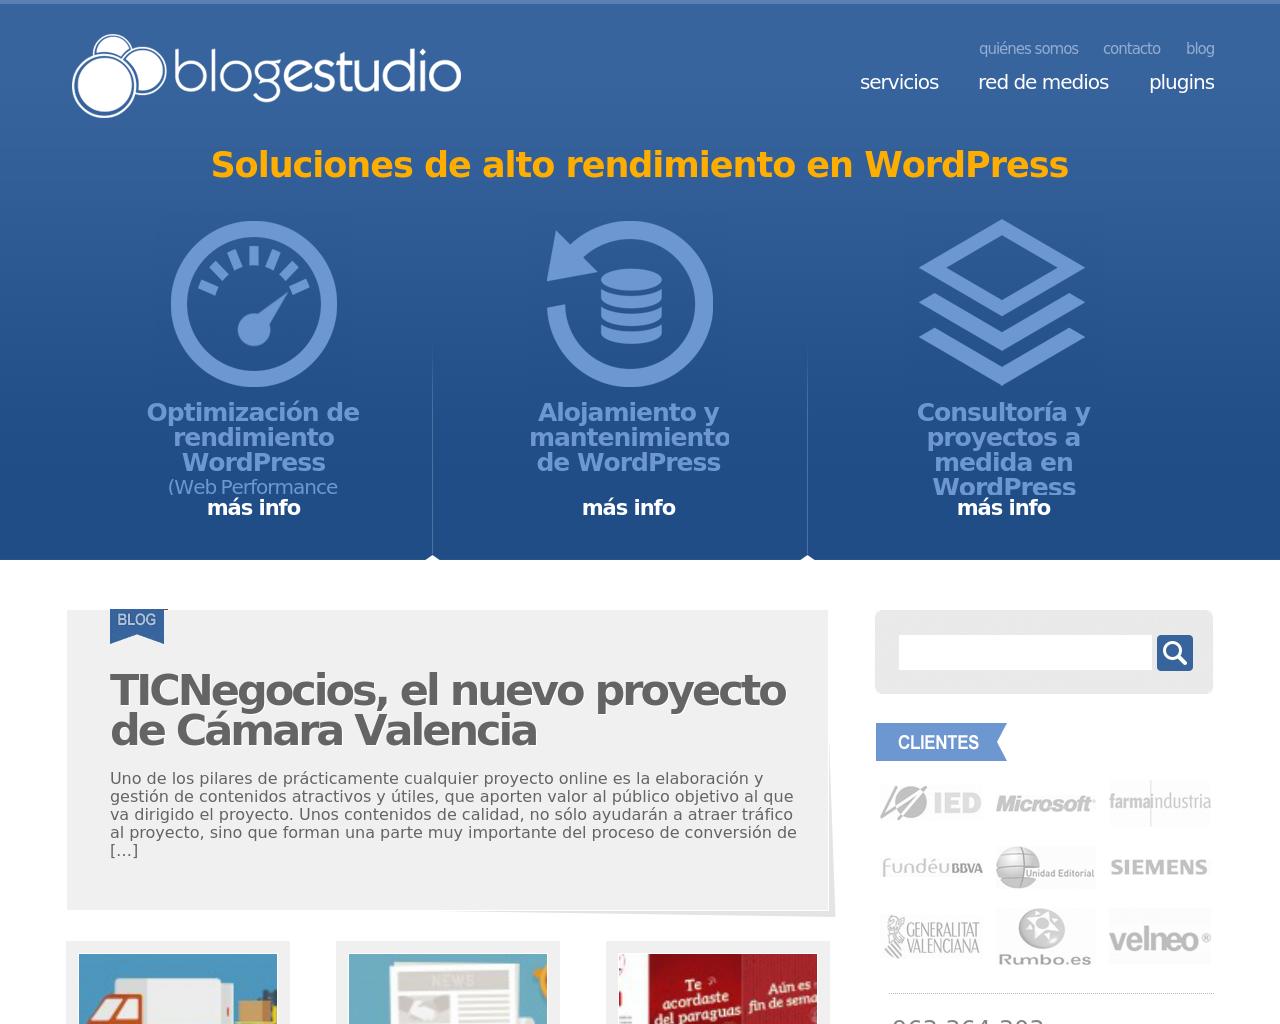 Blogestudio-Media-Network-Advertising-Reviews-Pricing